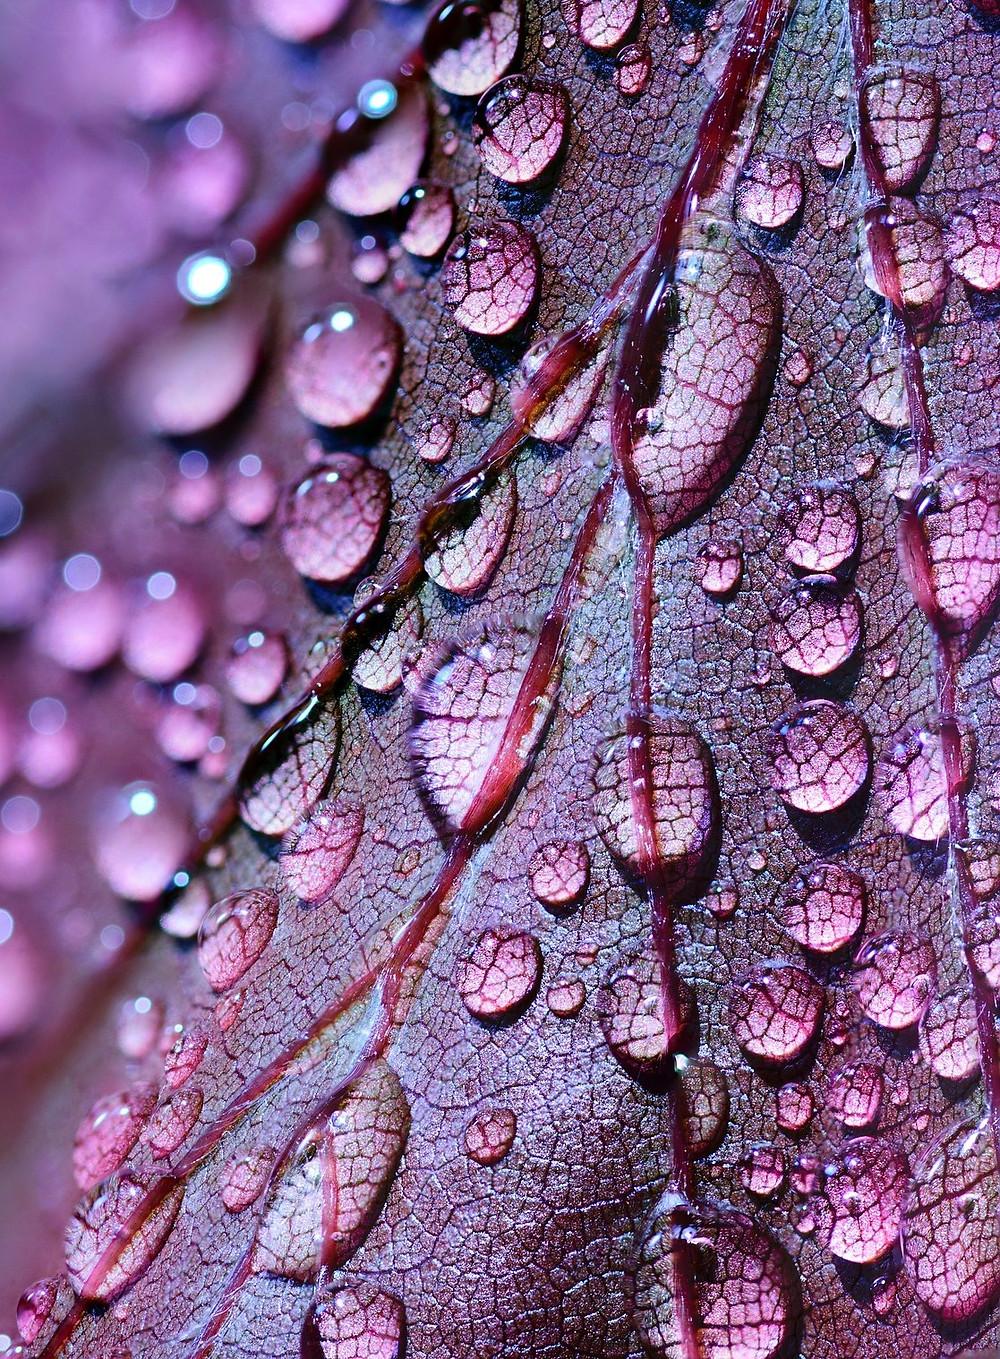 Ein violett gefärbtes Herbstblatt